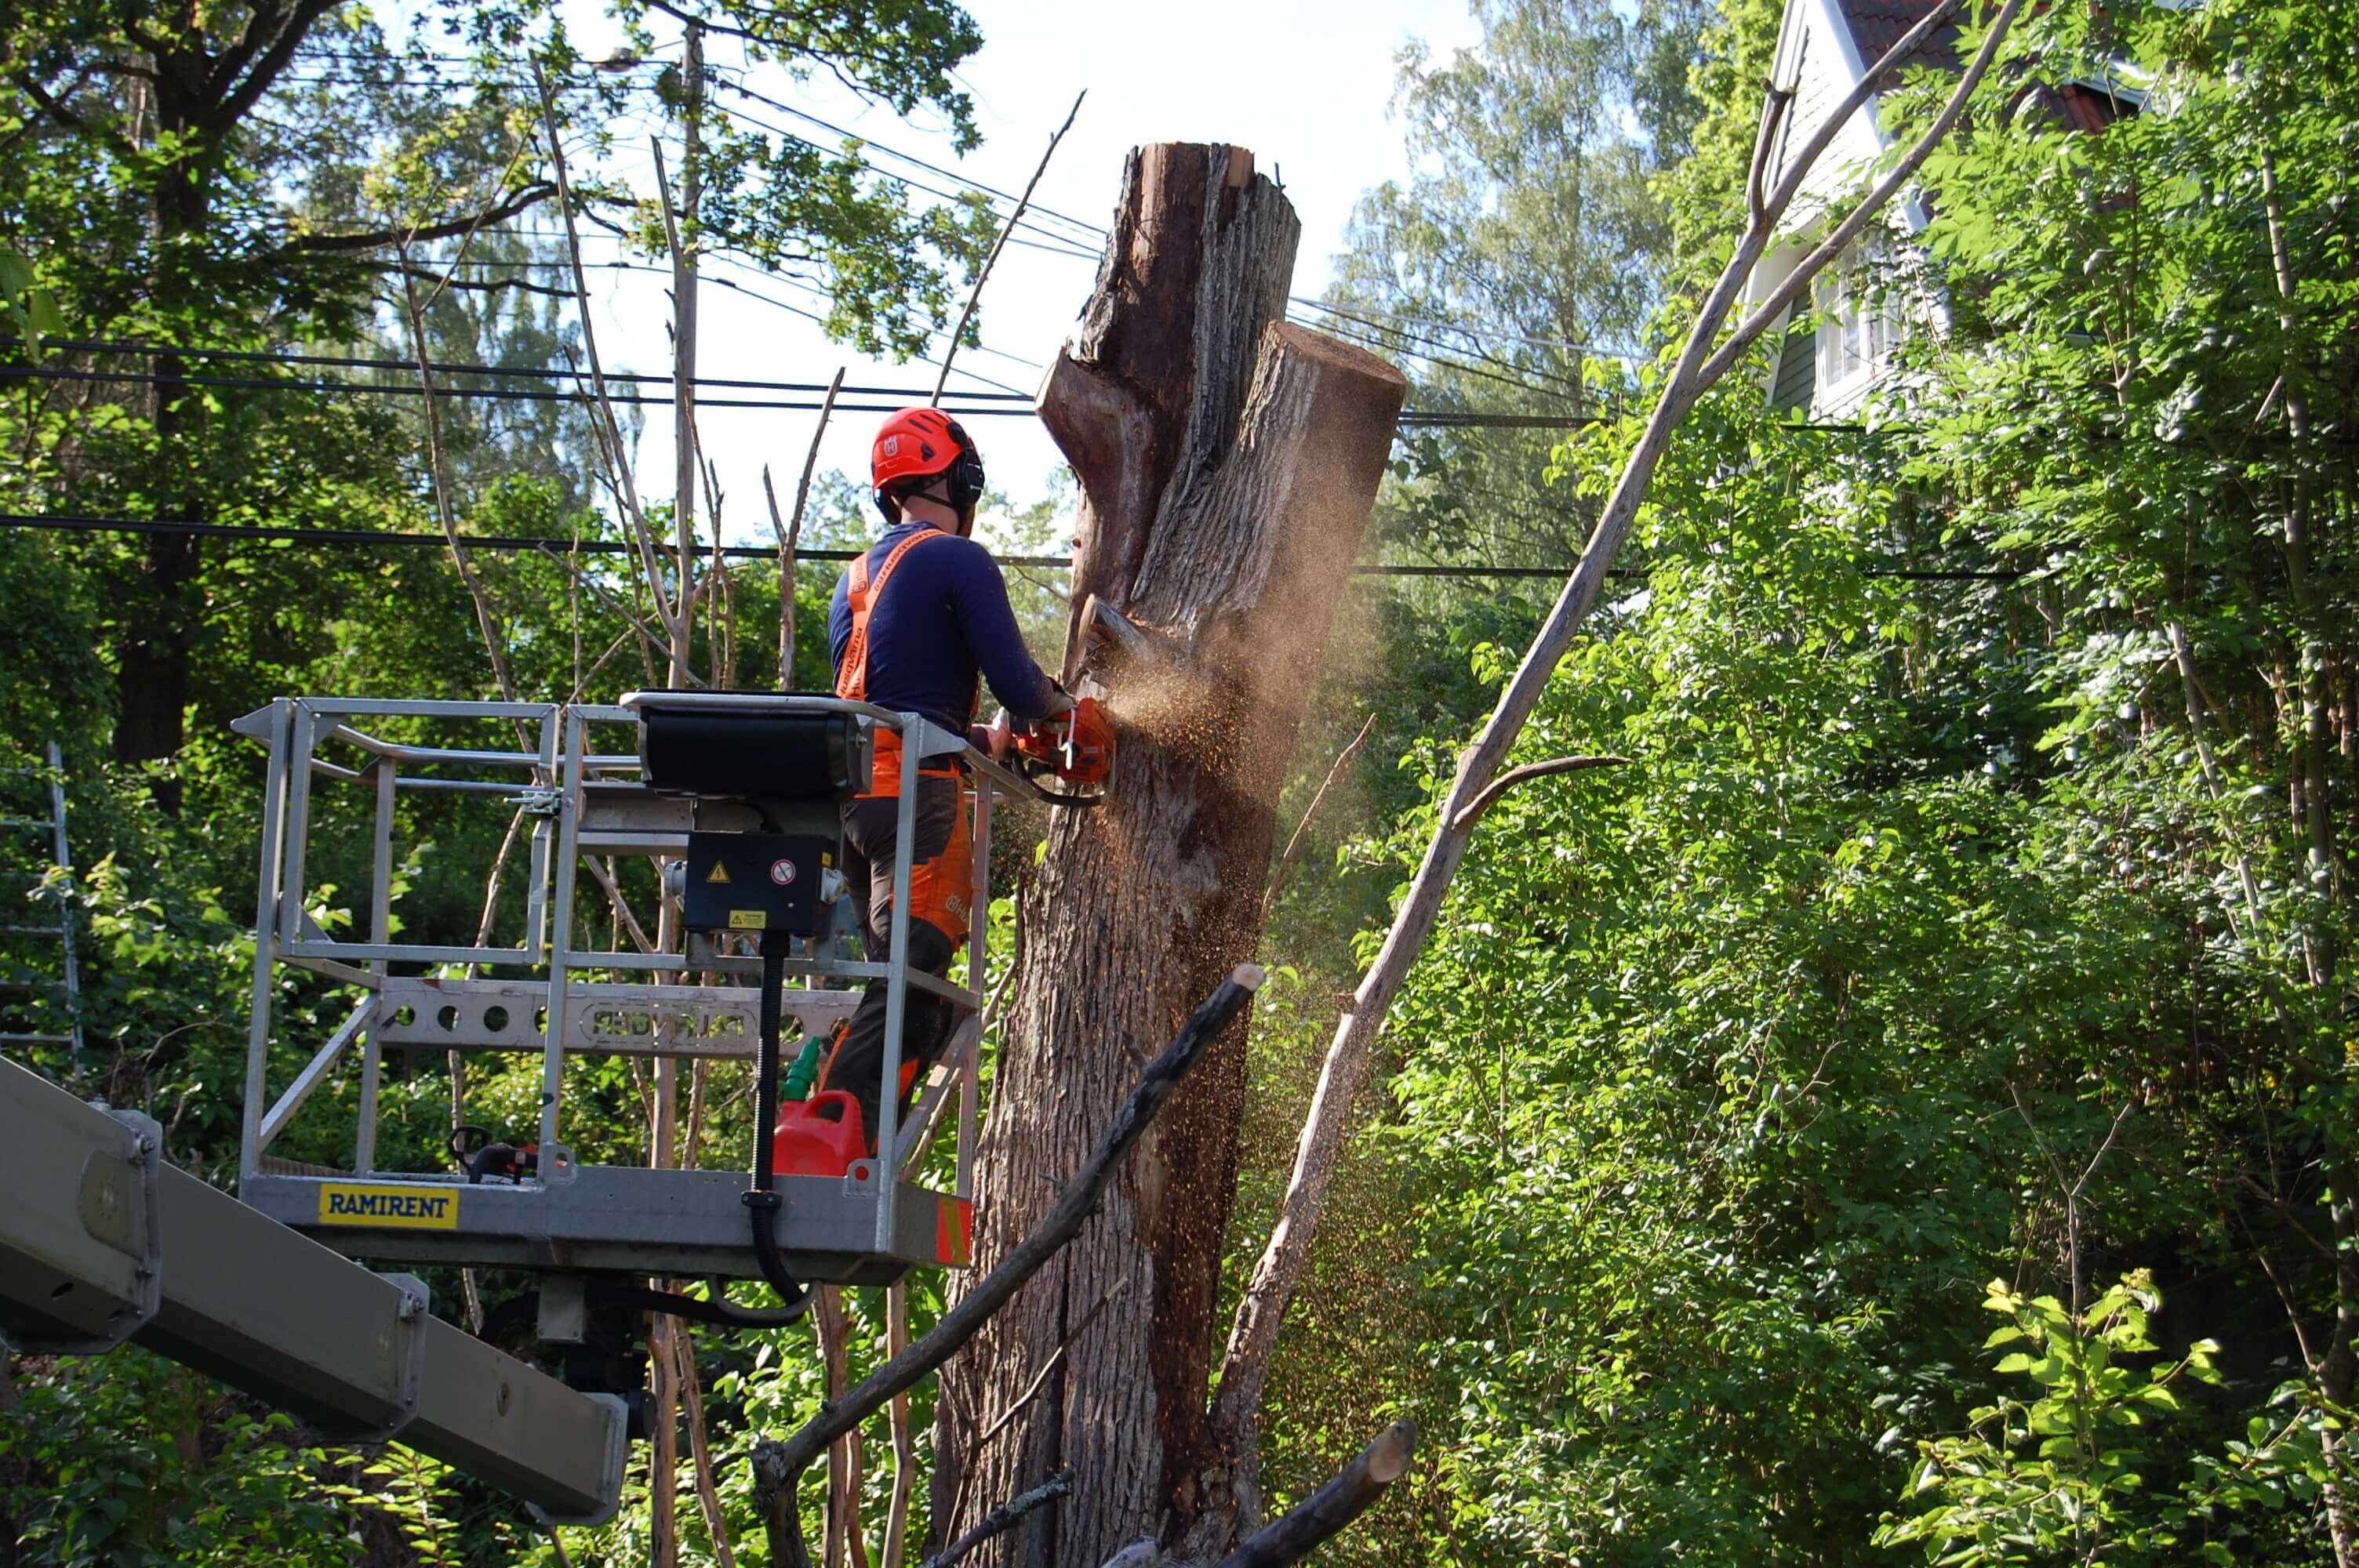 Arborist Wasa Trädfällning